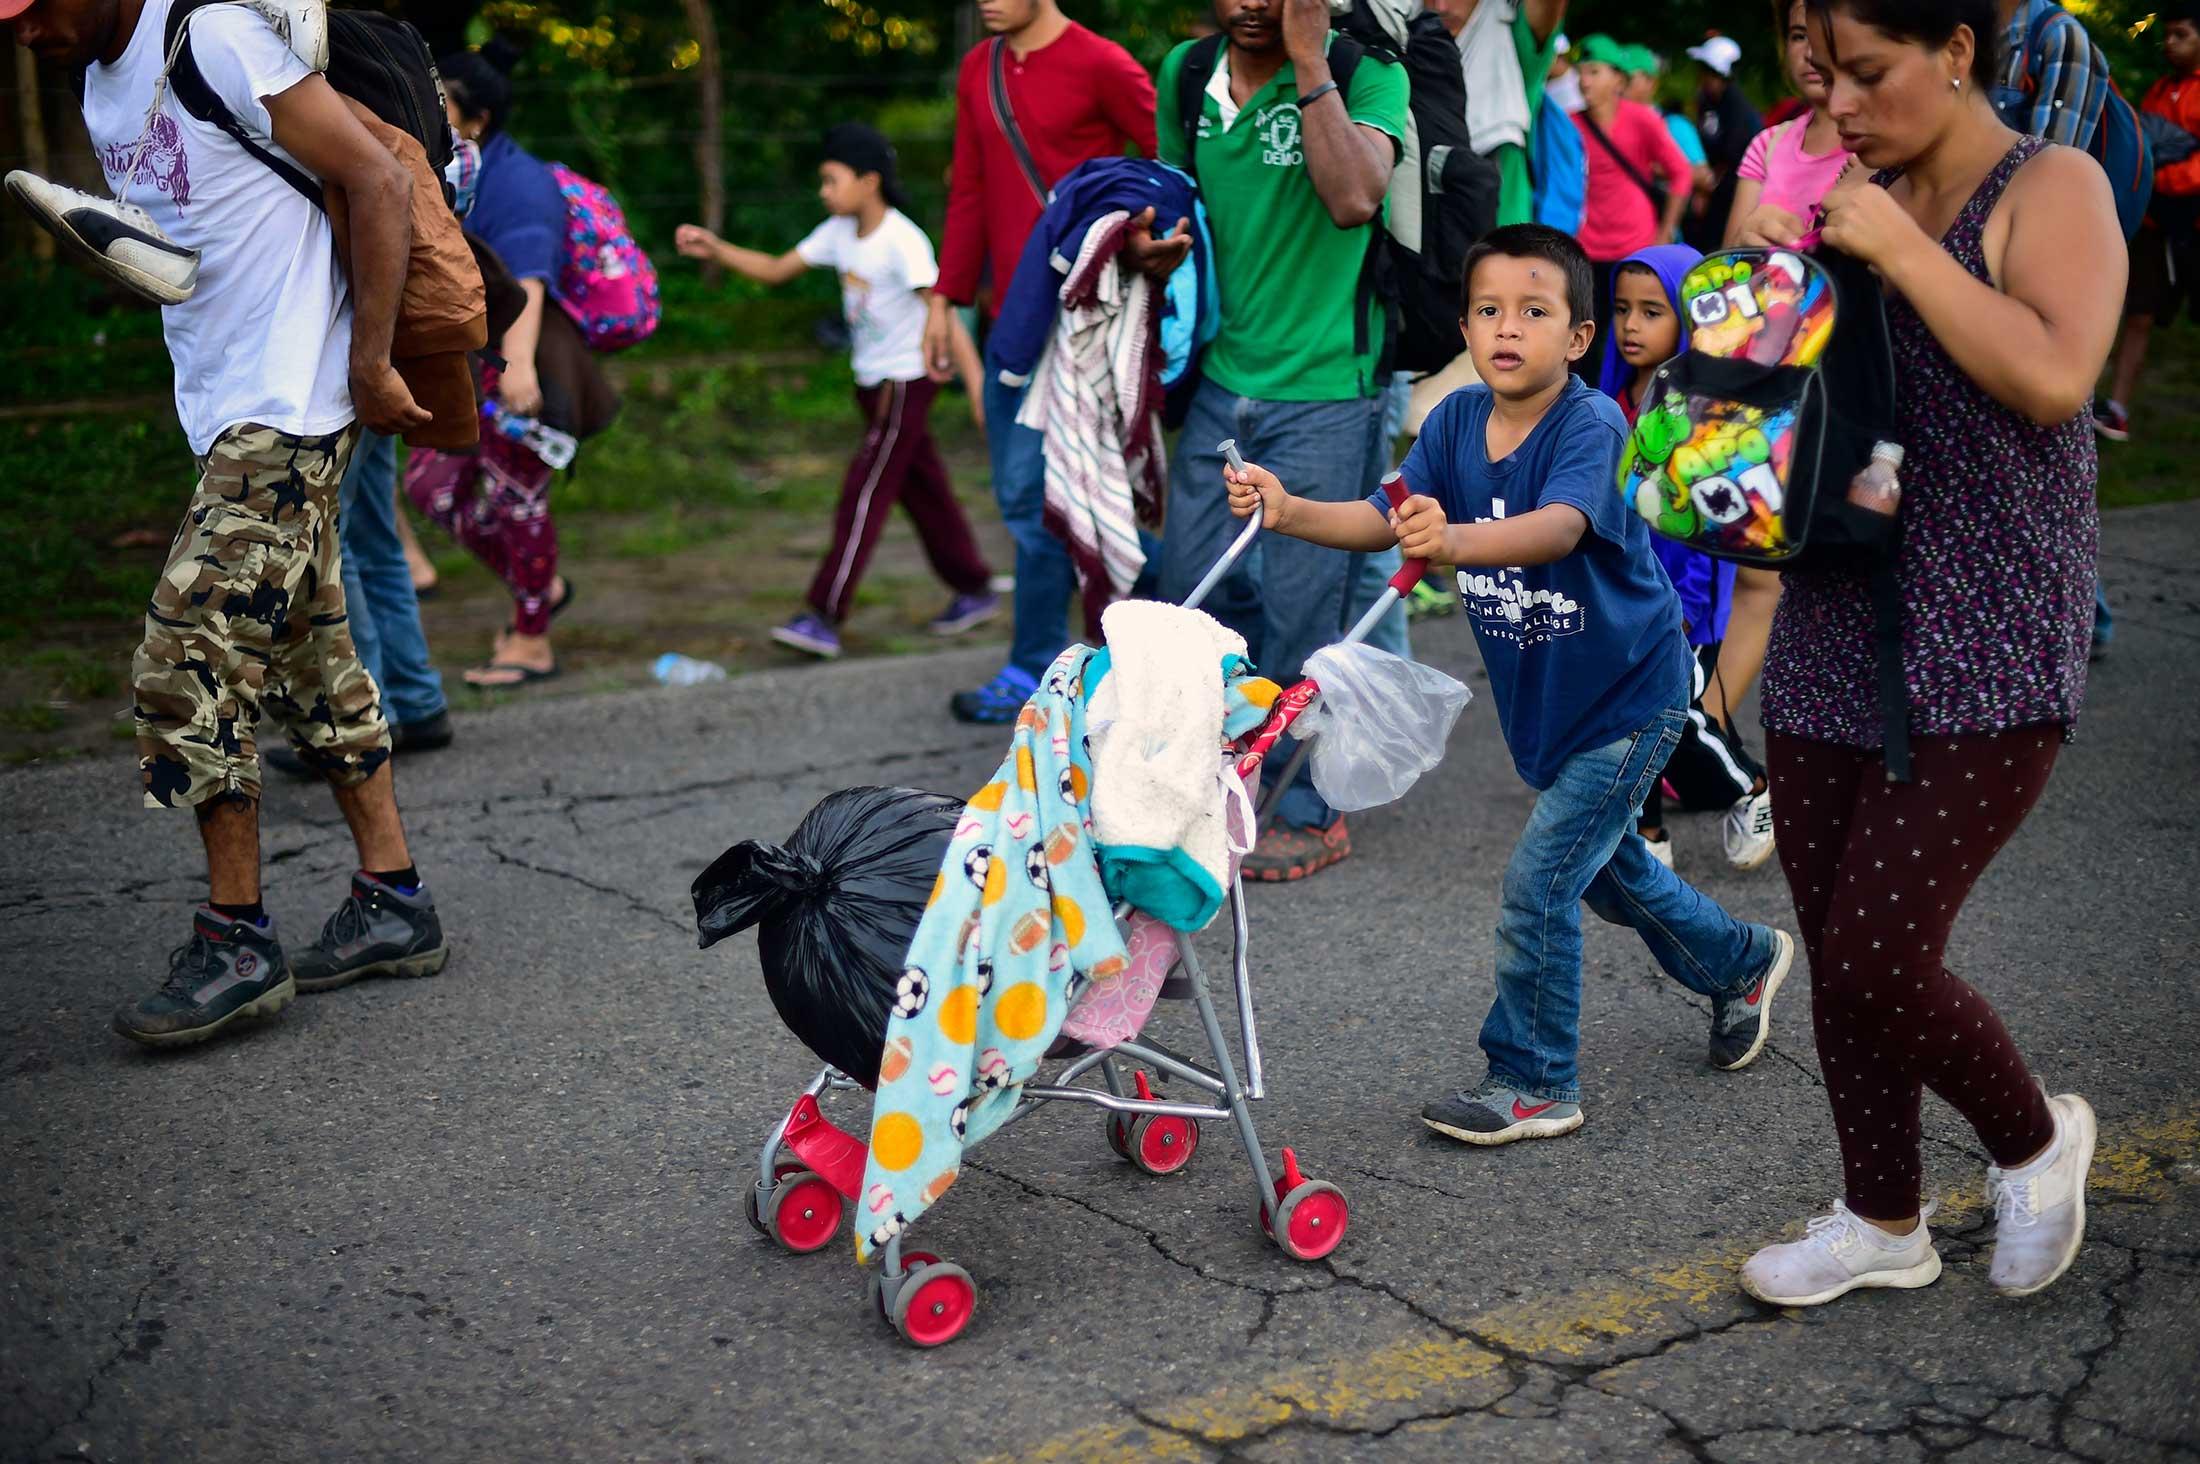 Honduran migrants heading in a caravan to the U.S.